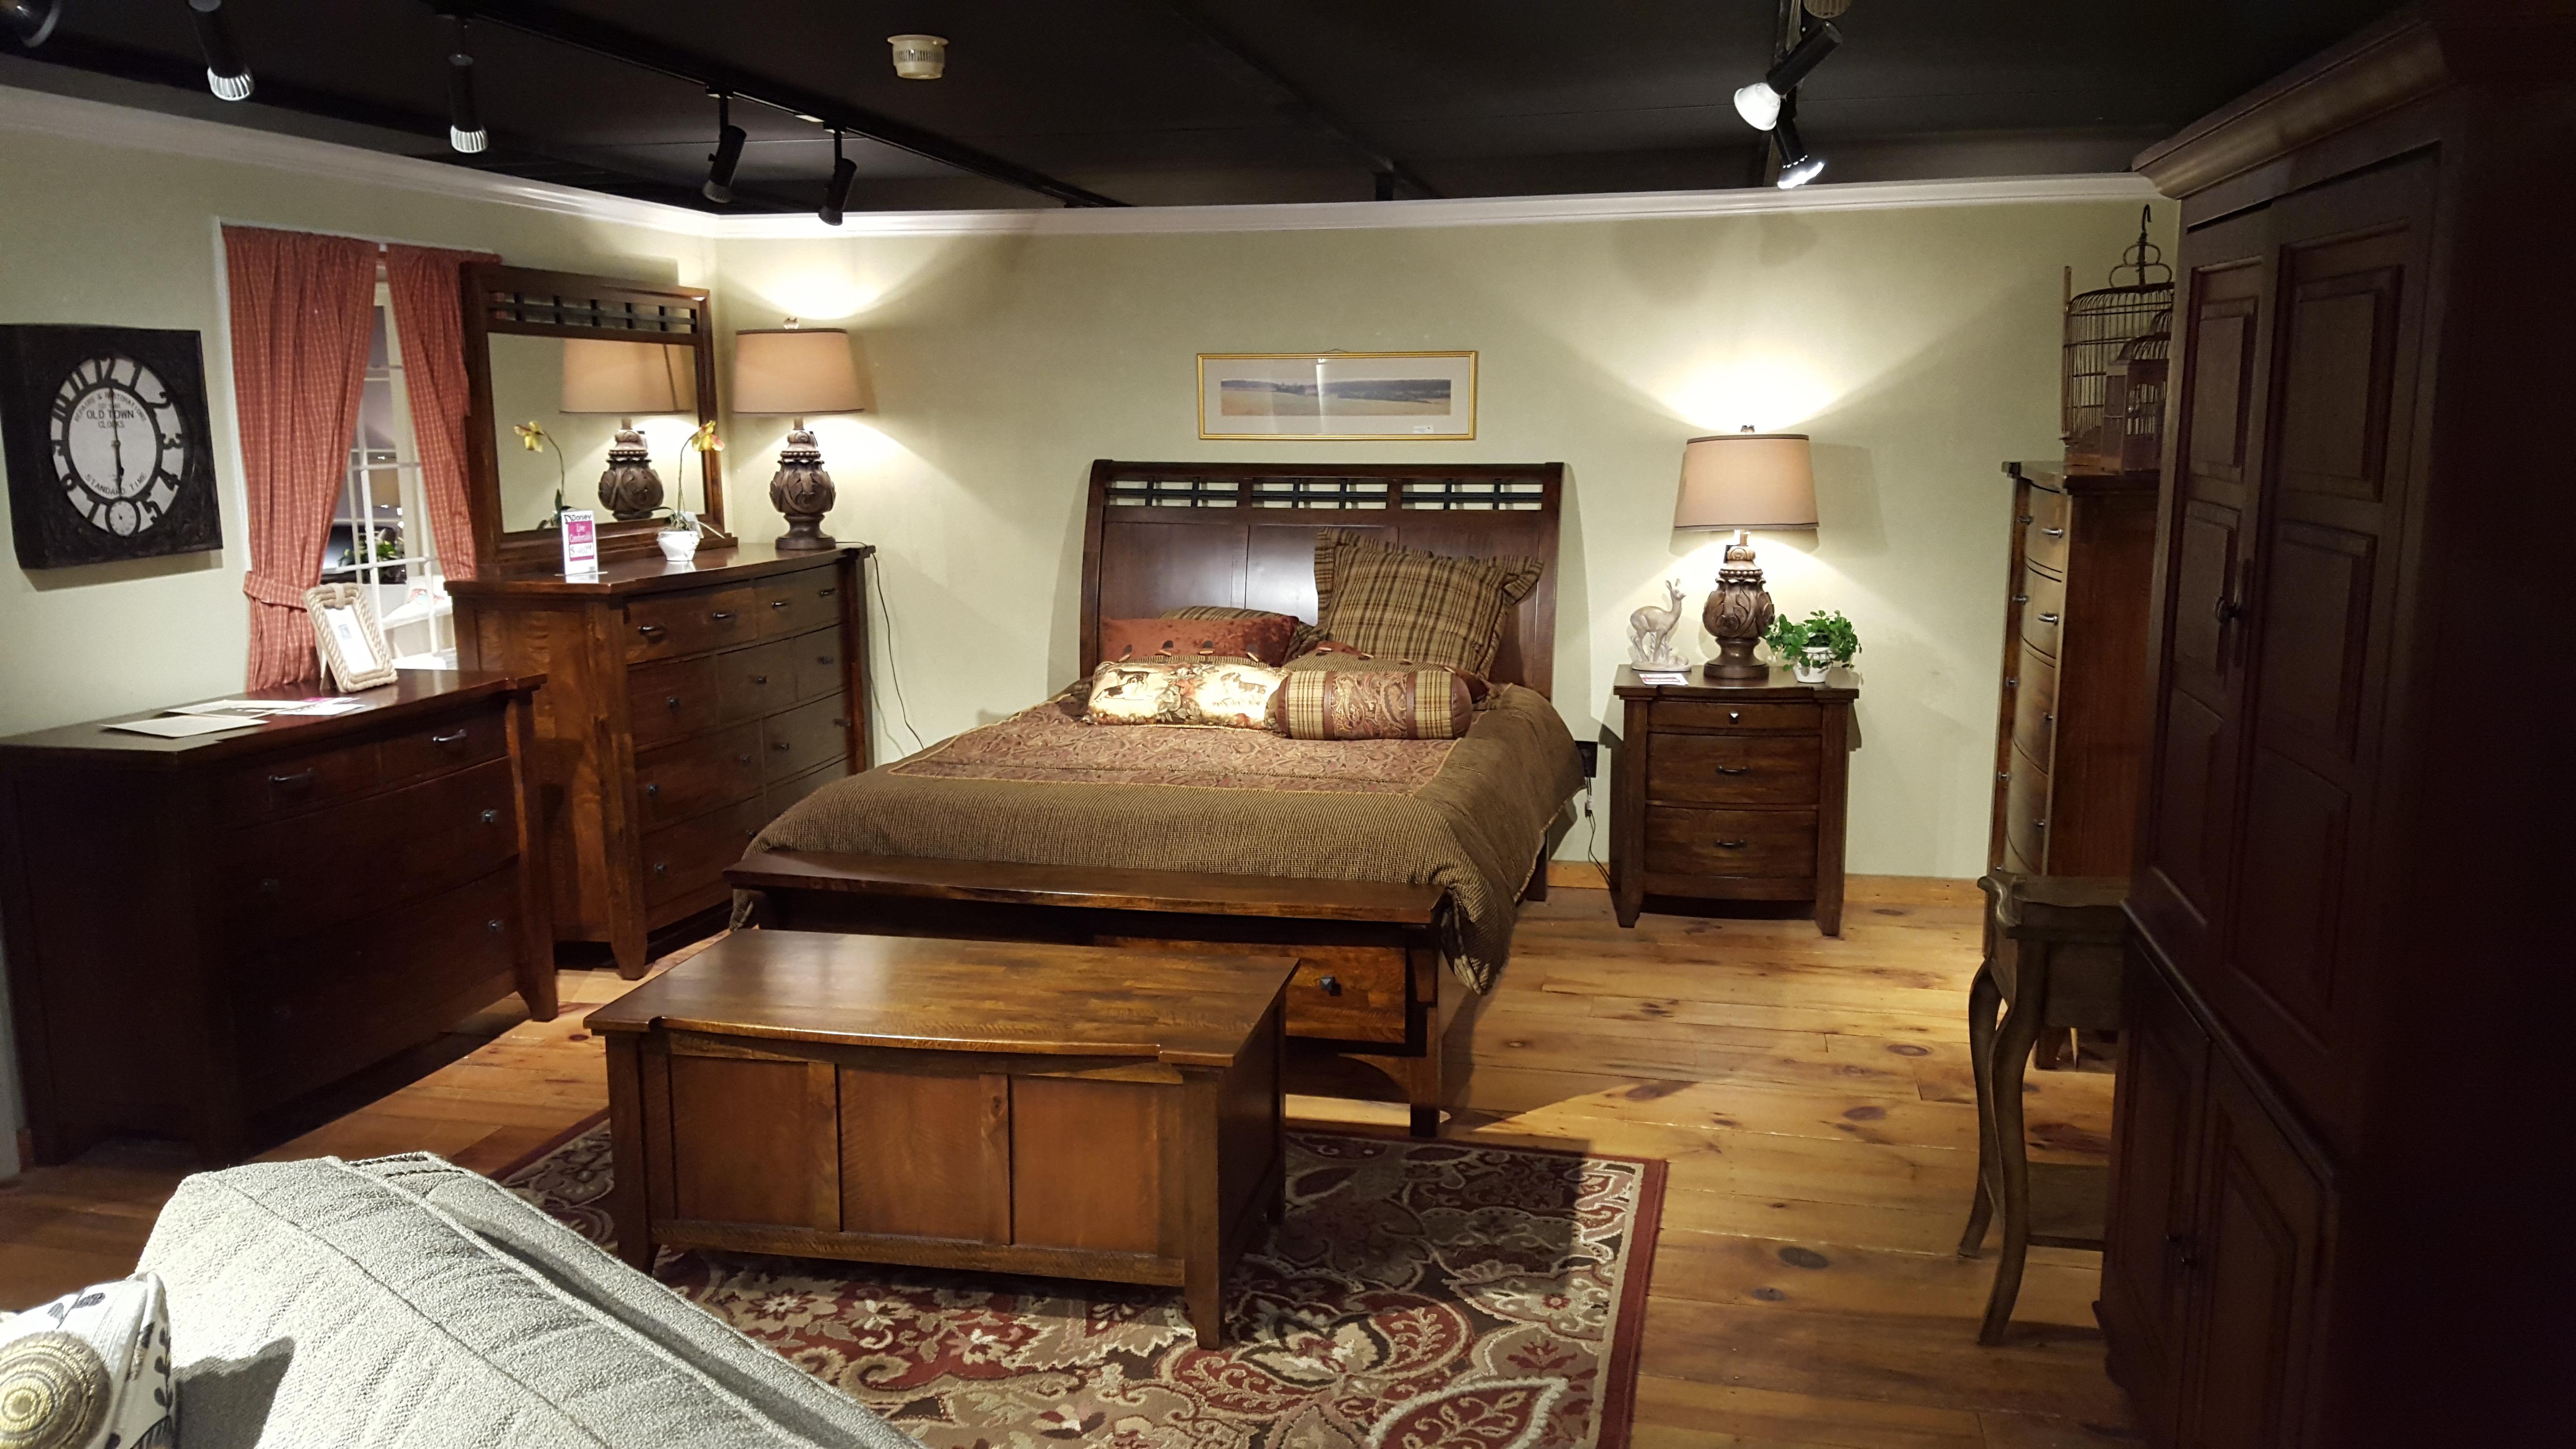 70 Series Bedroom Set Bed Chest Dresser Mirror Nightstand